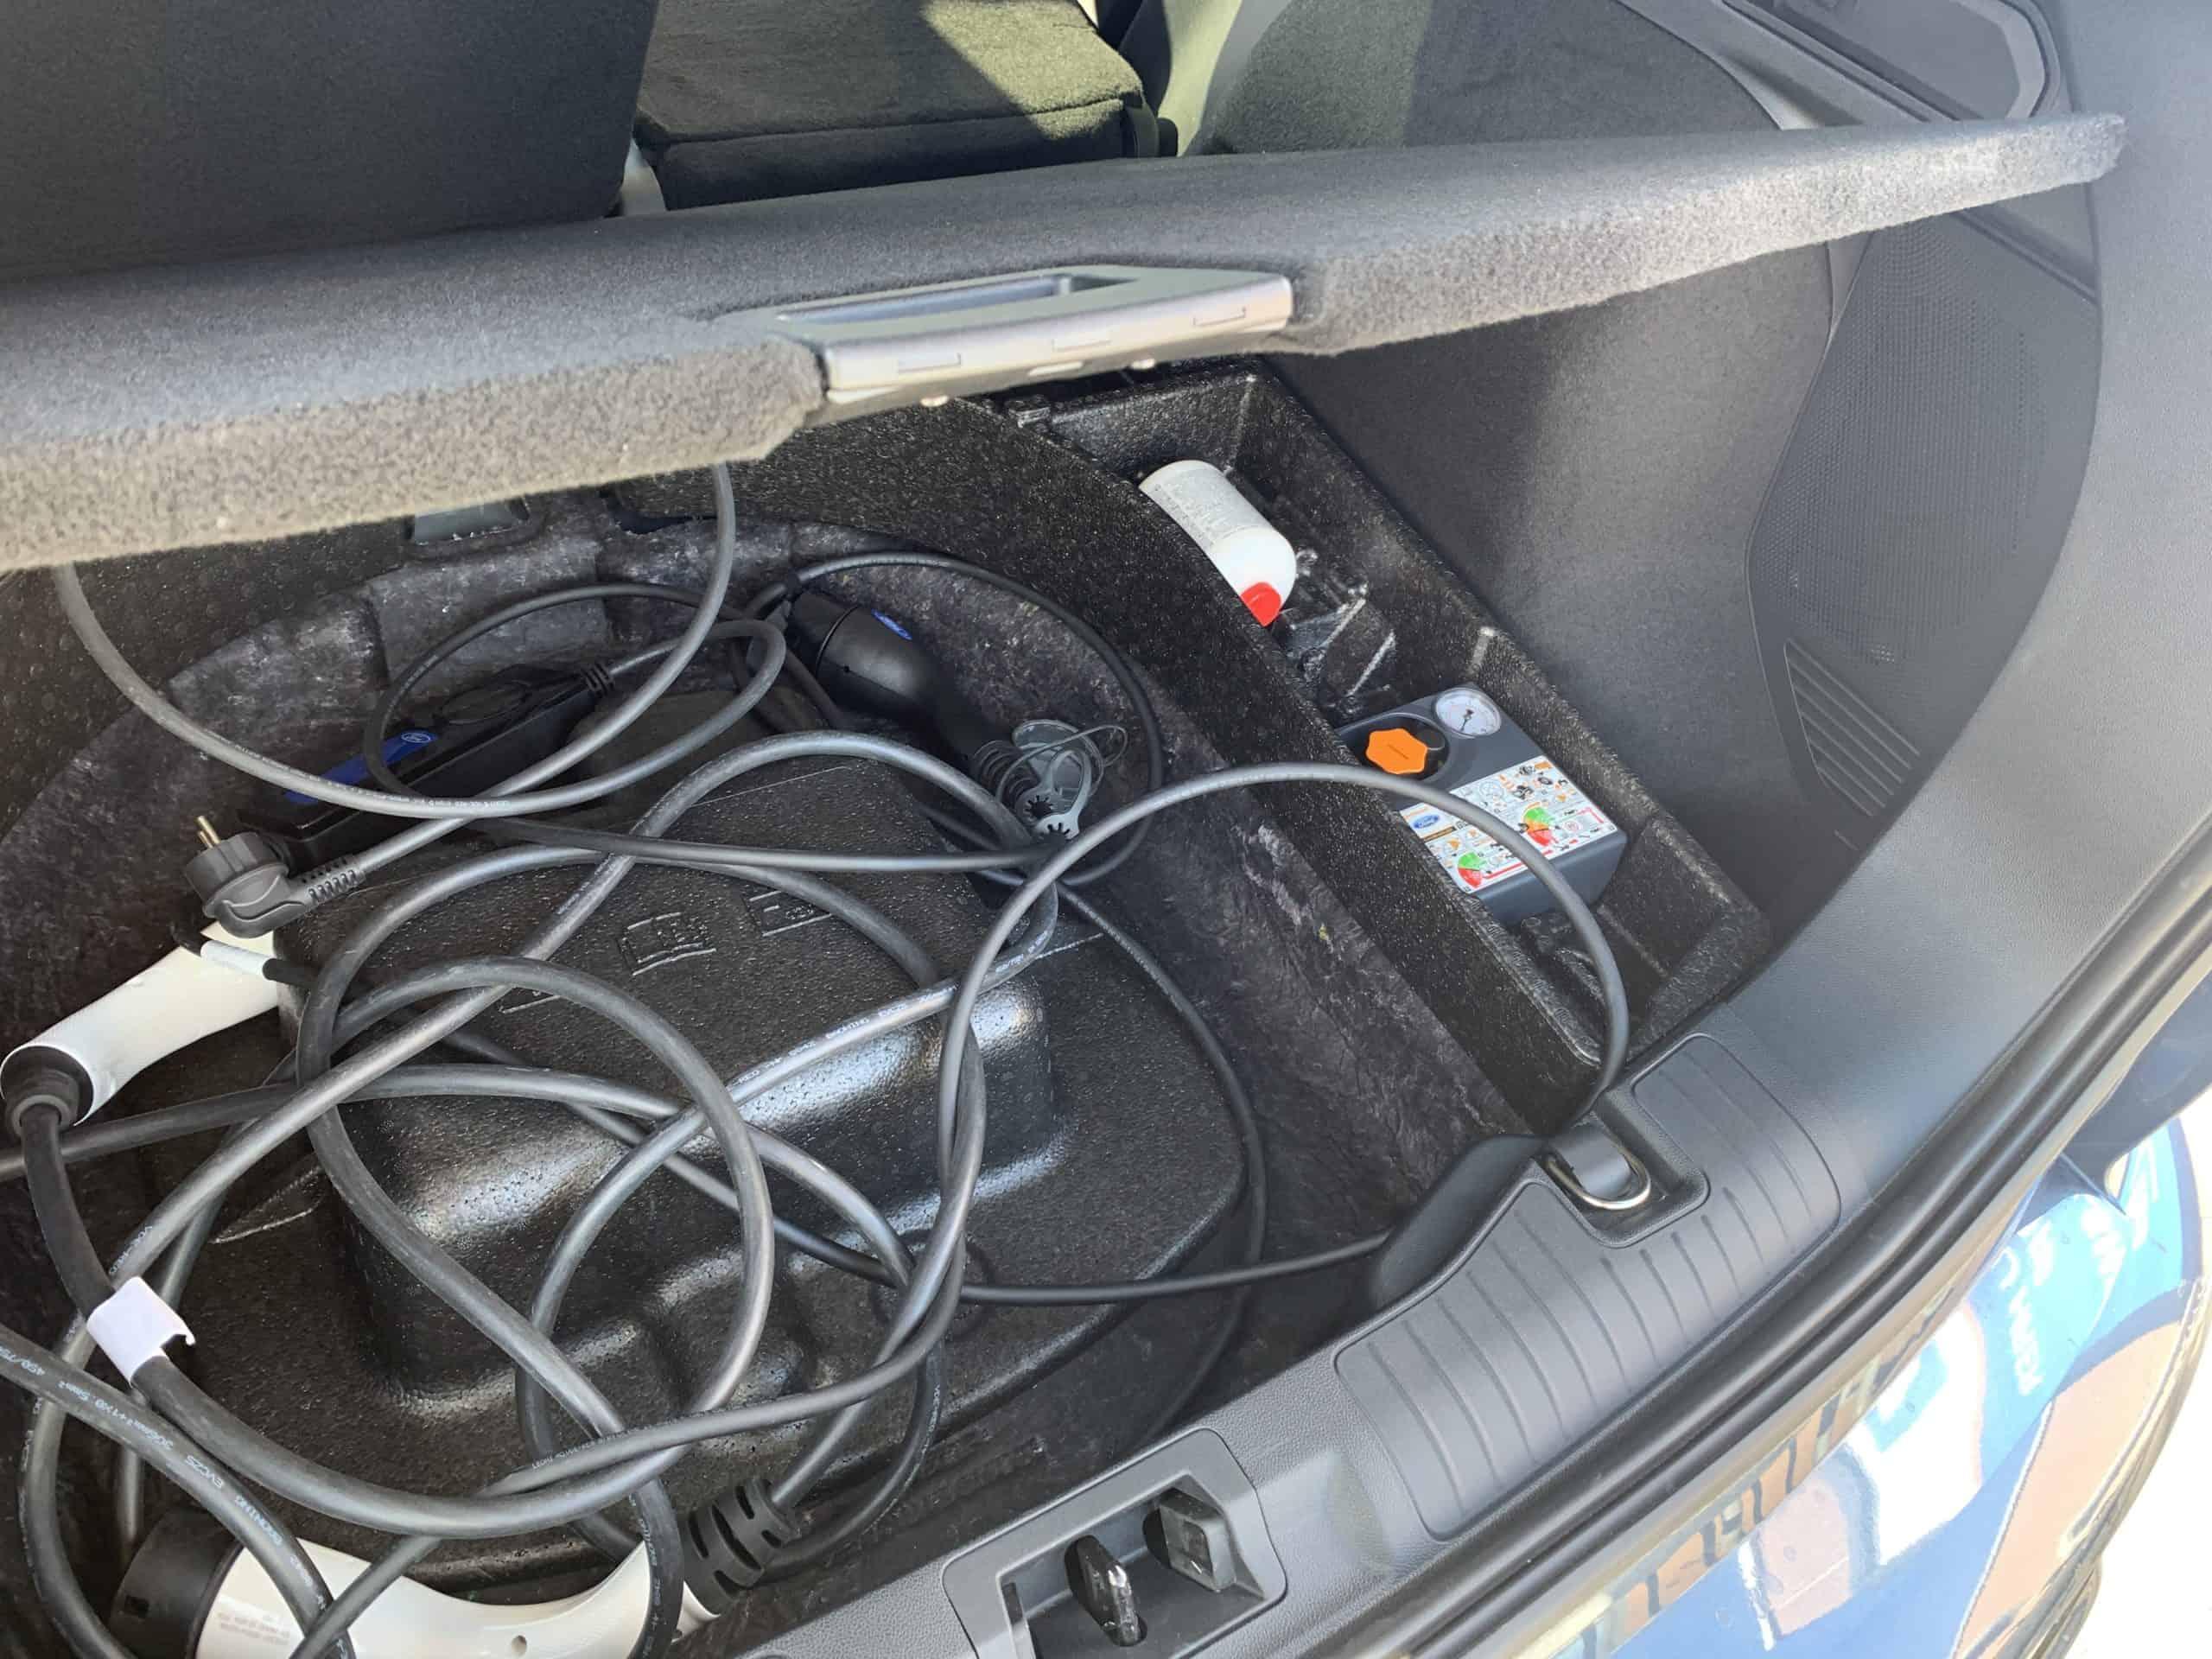 Ford Kuga mit Plug-in Hybrid-Antrieb (2020) -  Zukunftstauglichkeit eingebaut, Ladekabel